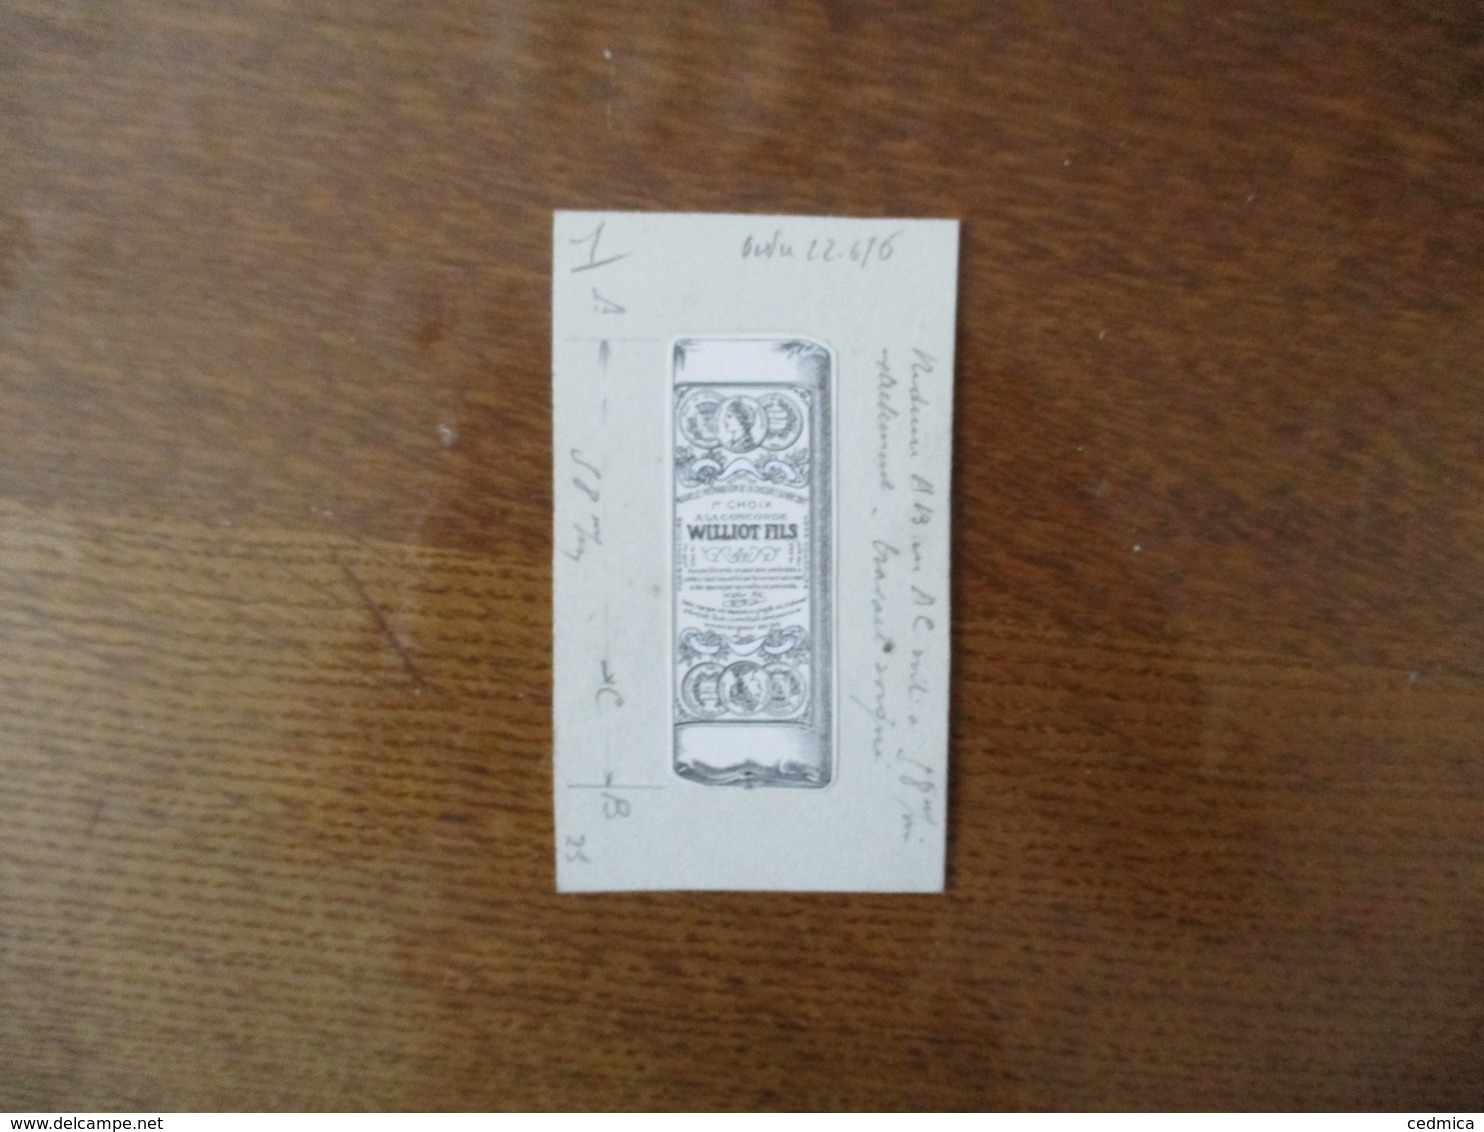 WILLIOT FILS A LA CONCORDE NOUVELLE PREPARATION DE LA CHICOREE GENRE CAFE PETITE EPREUVE PUBLICITAIRE 8cm/3cm - Pubblicitari